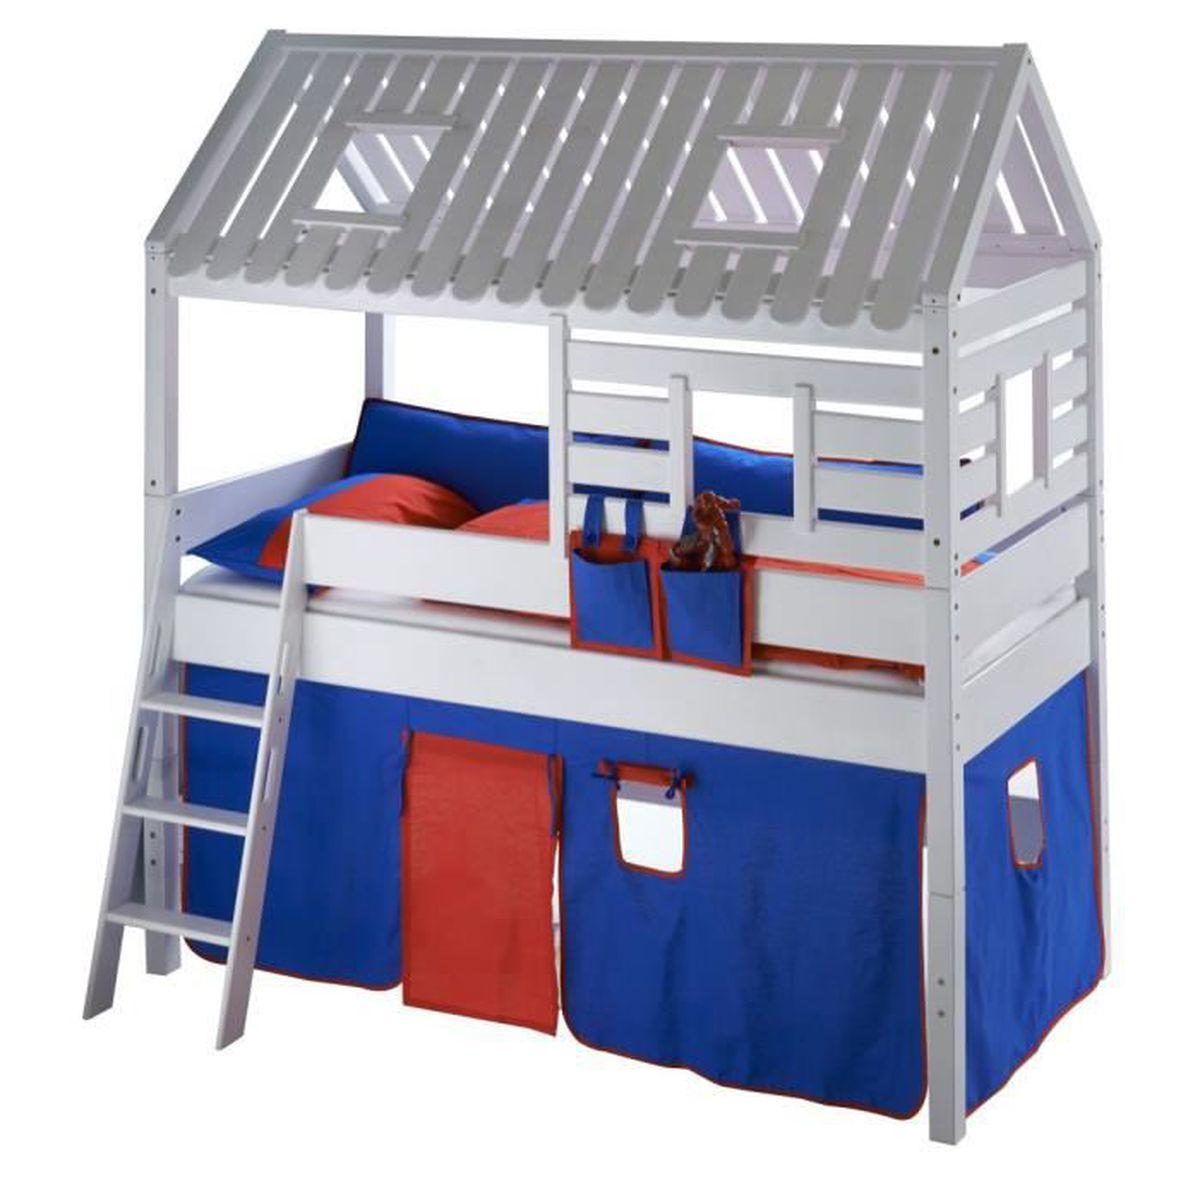 lit sur lev 90x200 cm cabane en h tre massif coloris blanc avec 1 tente en tissu coloris bleu. Black Bedroom Furniture Sets. Home Design Ideas